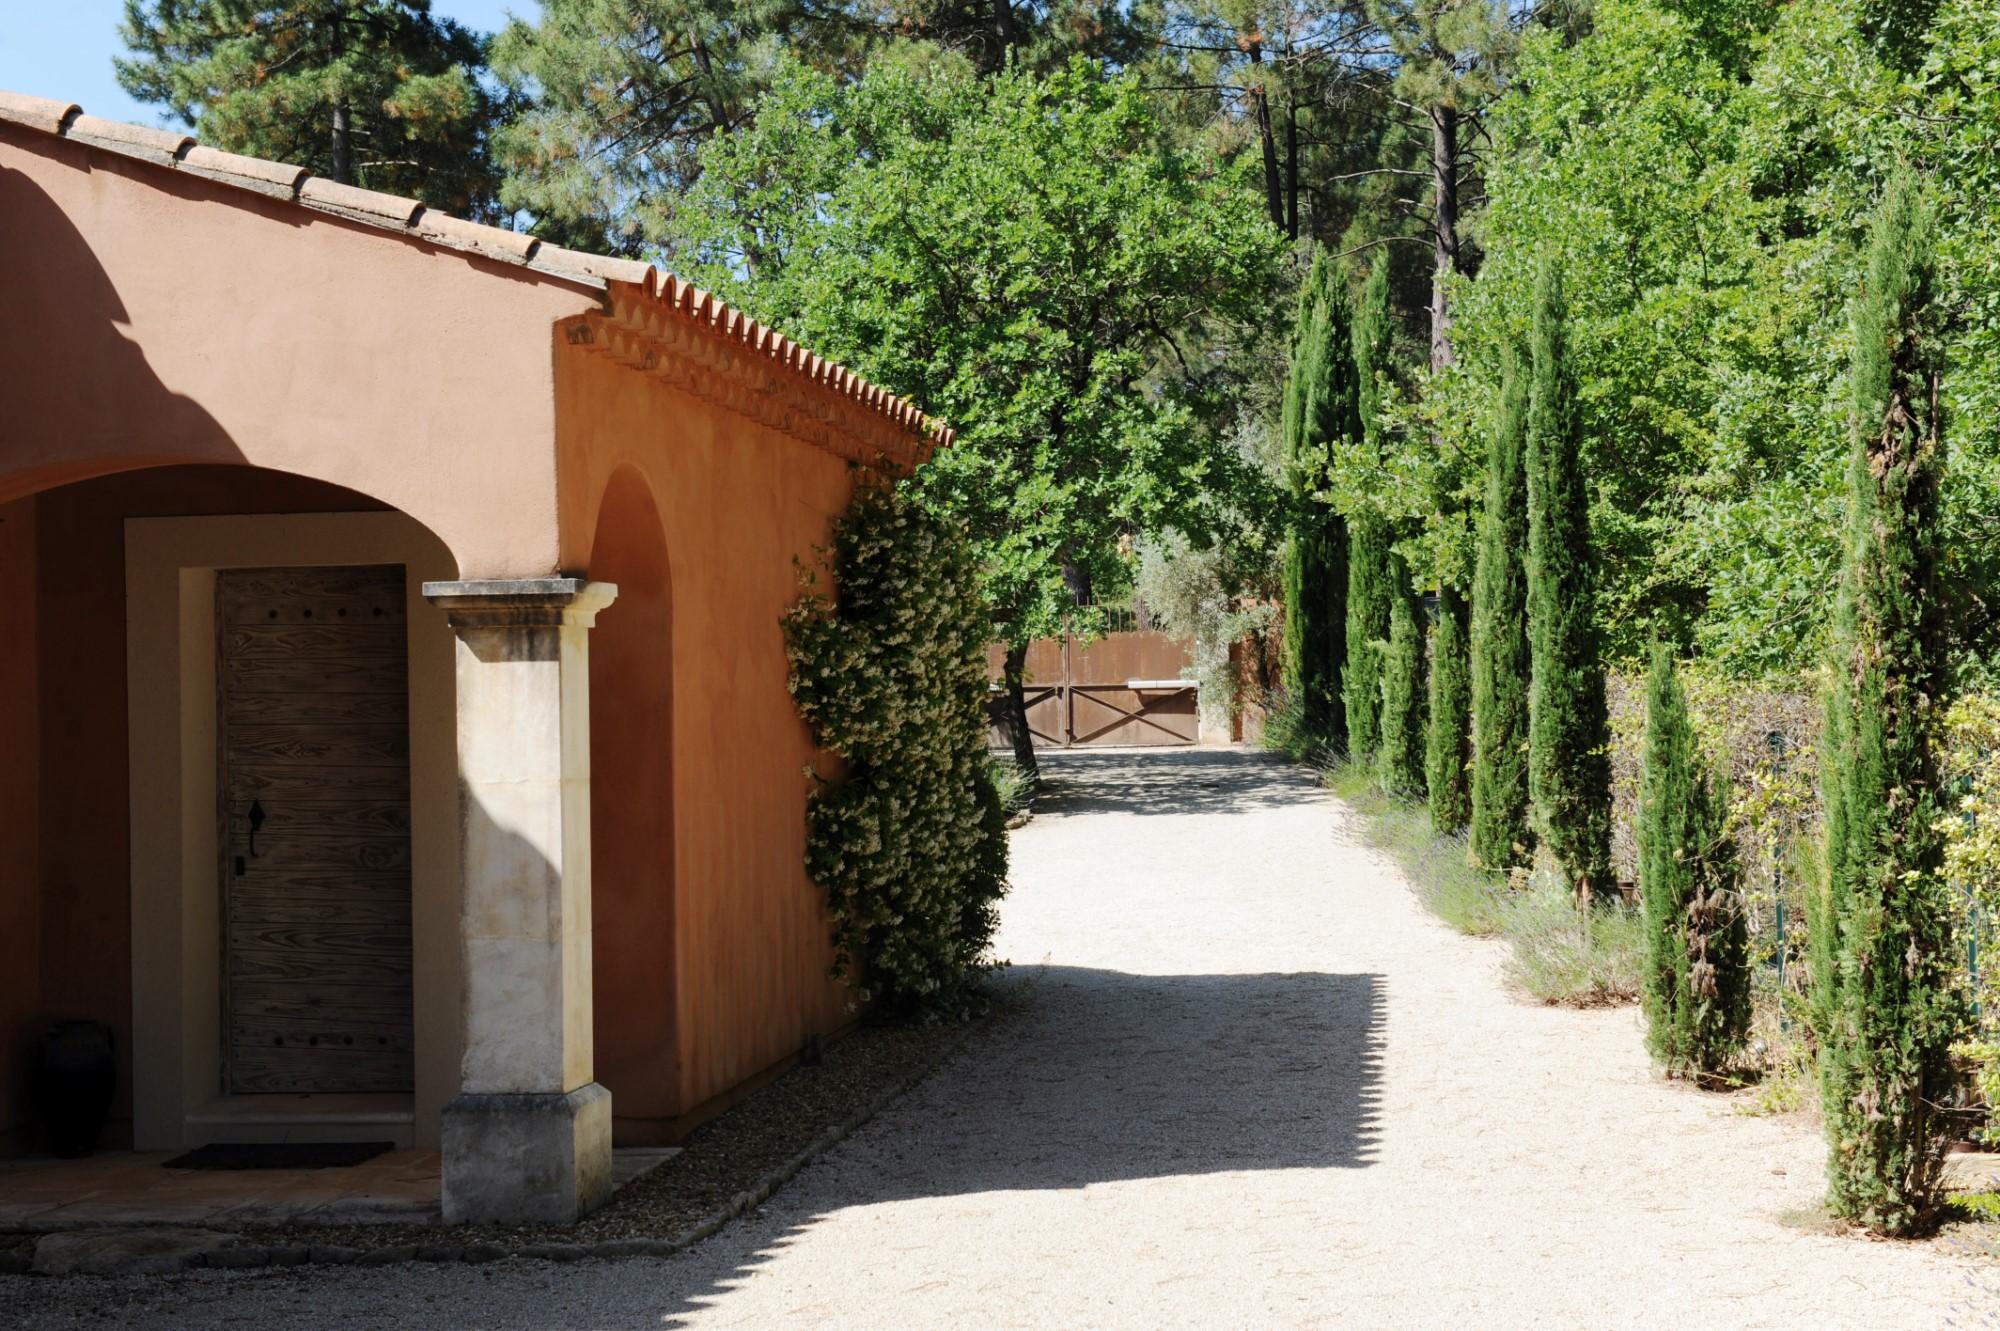 Maison provençale avec joli parc paysagé proche de Roussillon